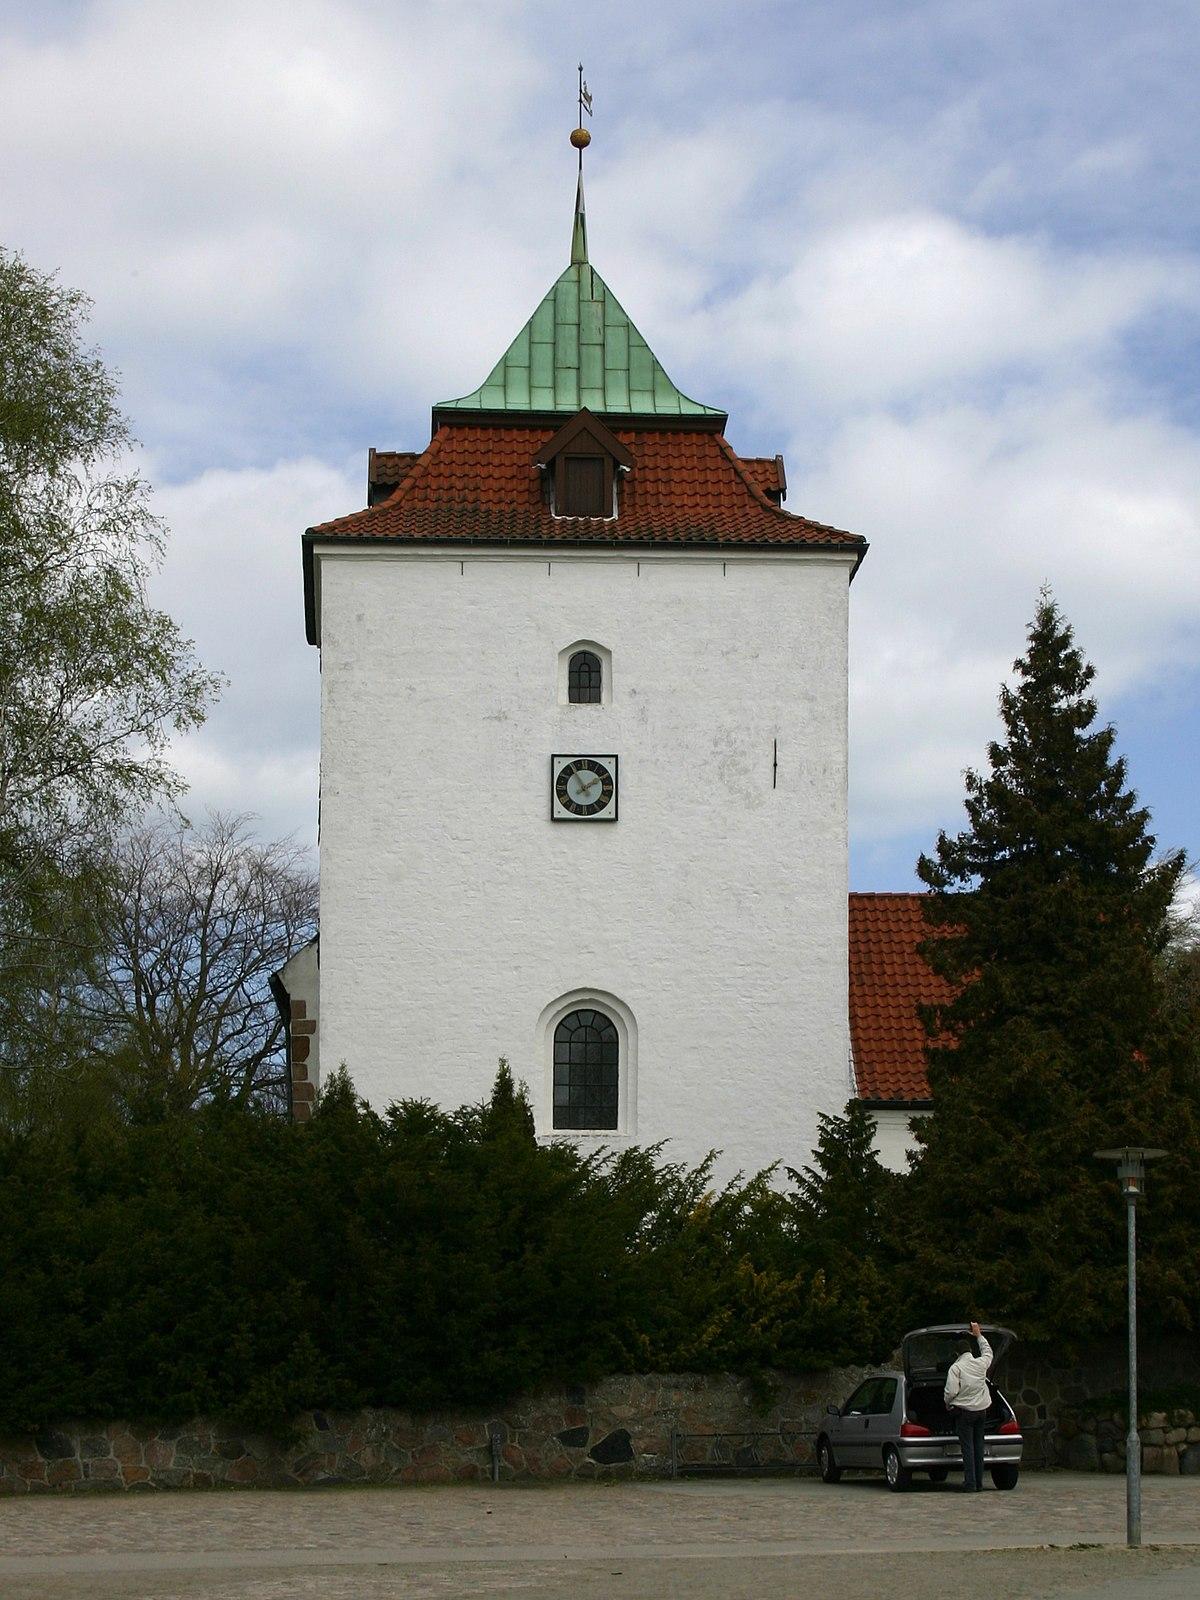 Viby Kirke Aarhus Wikipedia Den Frie Encyklop 230 Di